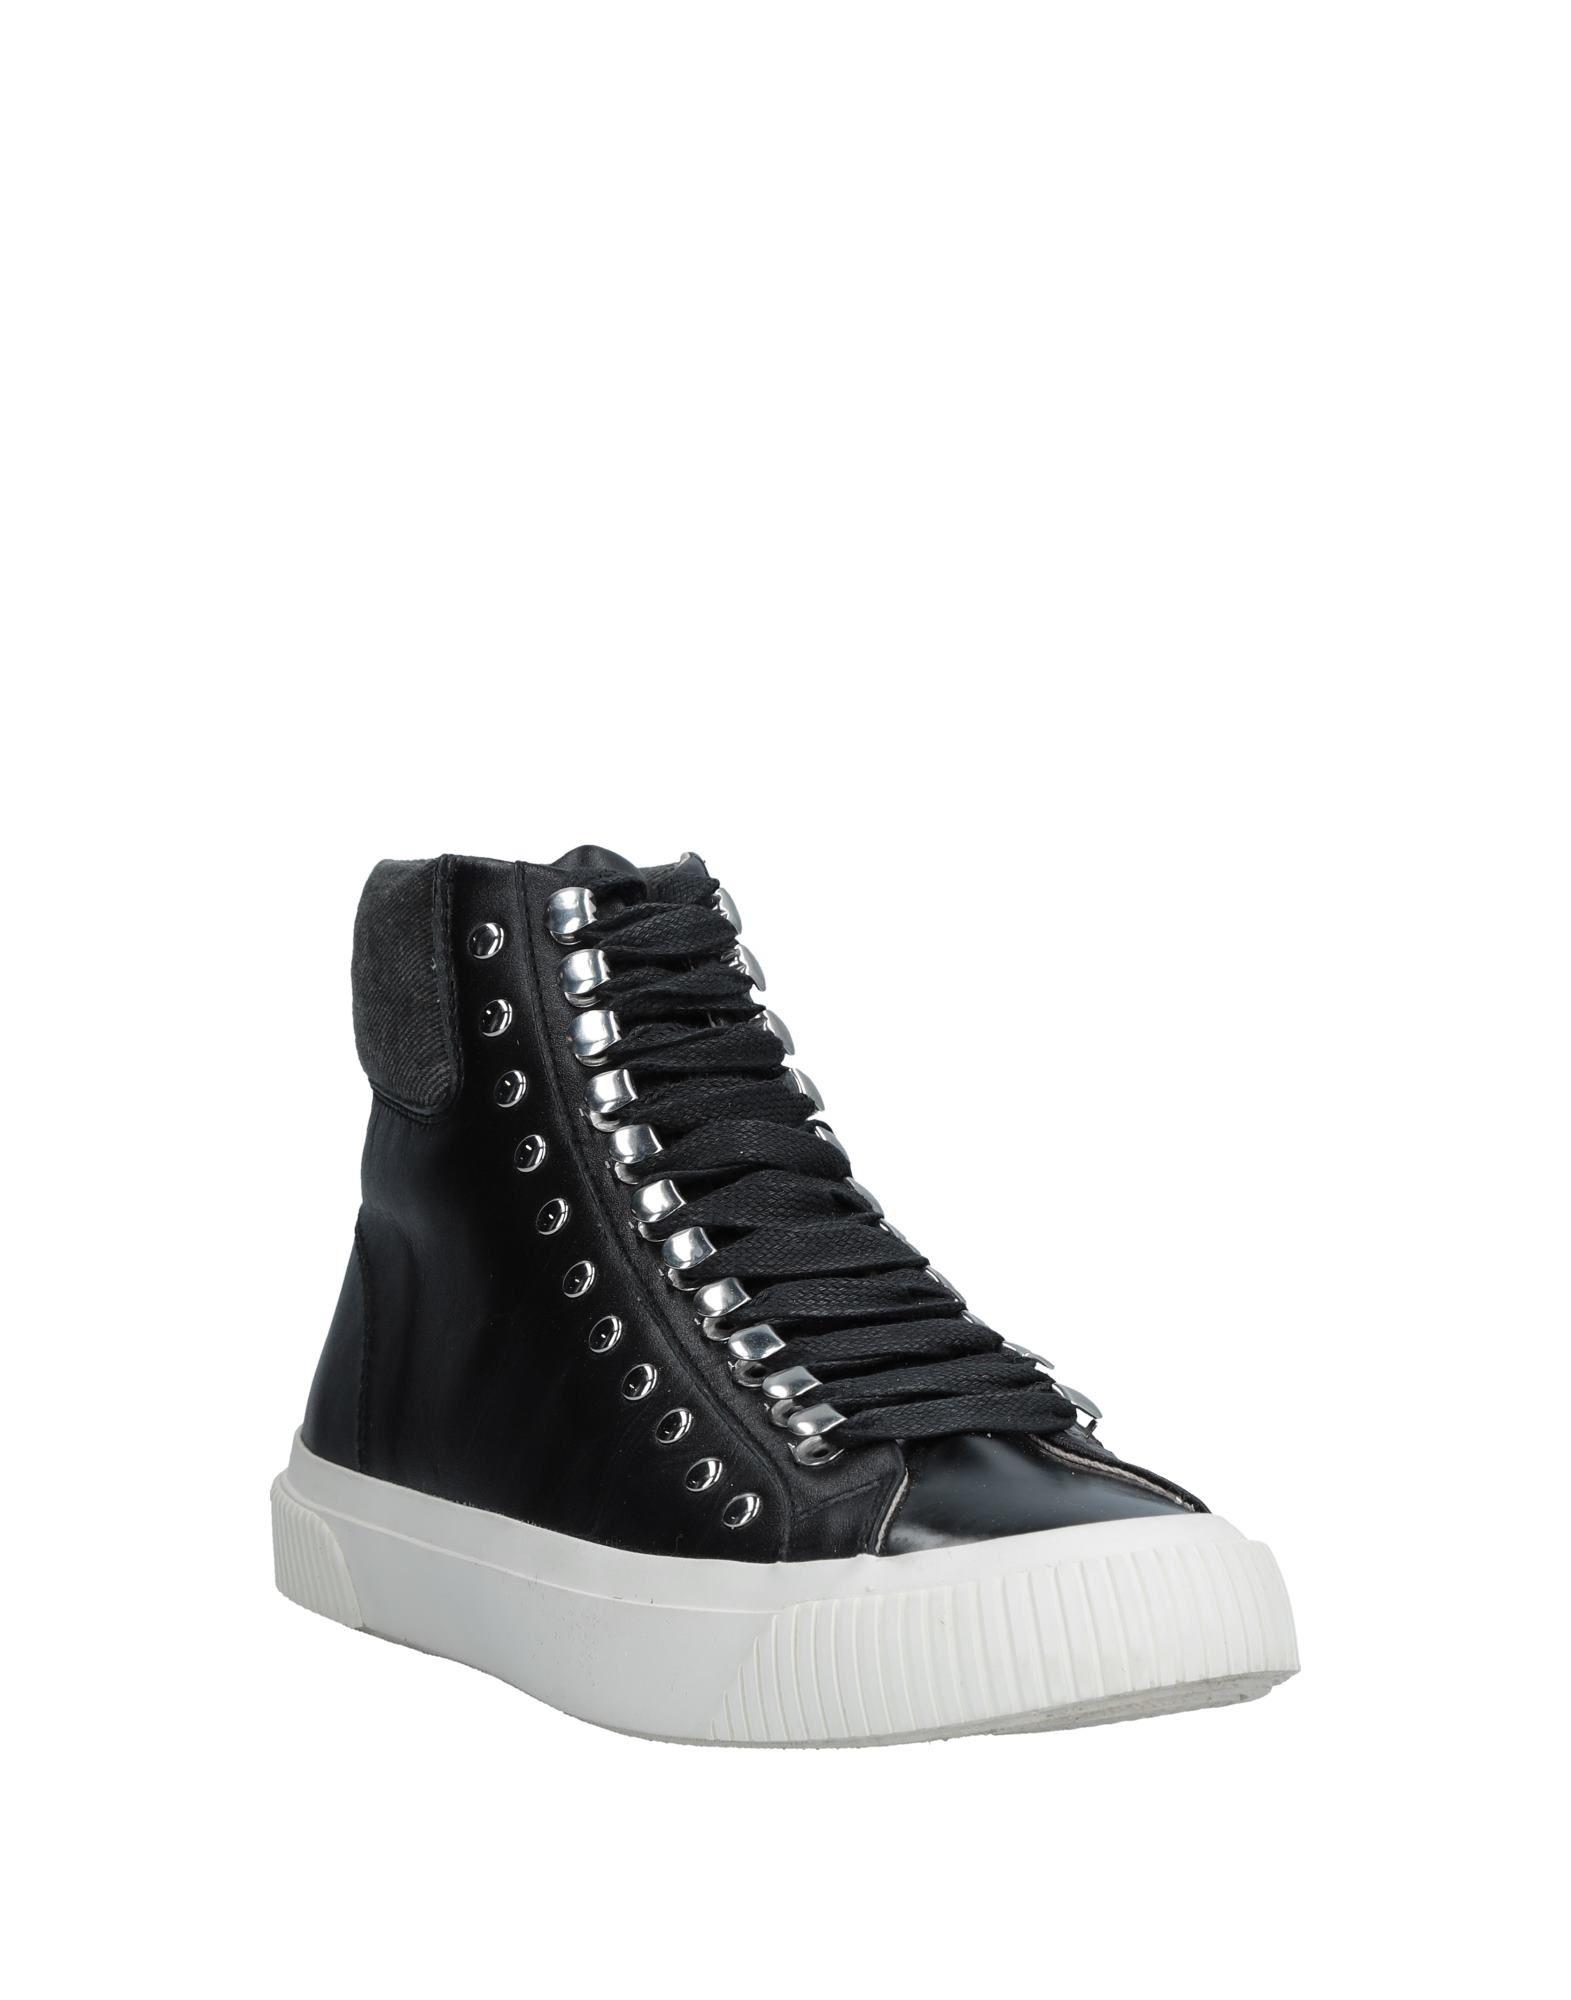 Moda Sneakers Diesel Donna - 11535706VE 11535706VE - 718beb